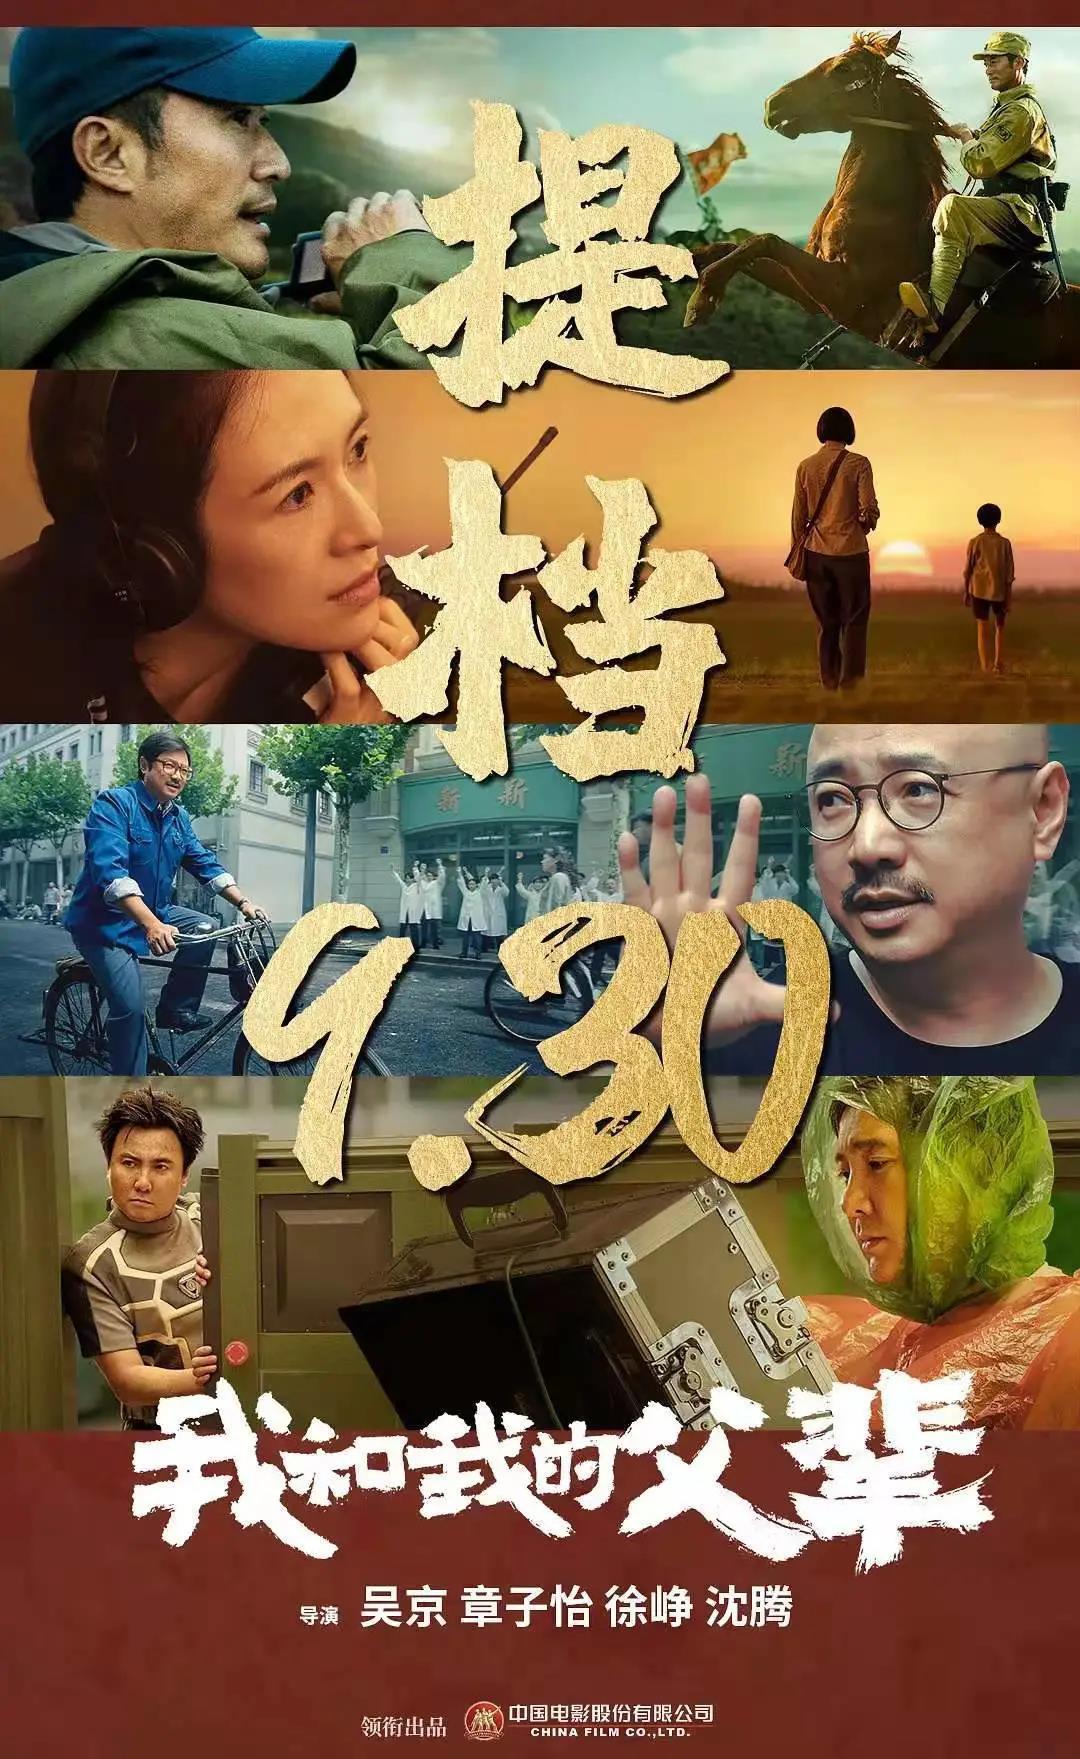 电影《我和我的父辈》百度云完整免费观看(加长版)【1080P中文字幕】完整资源下载